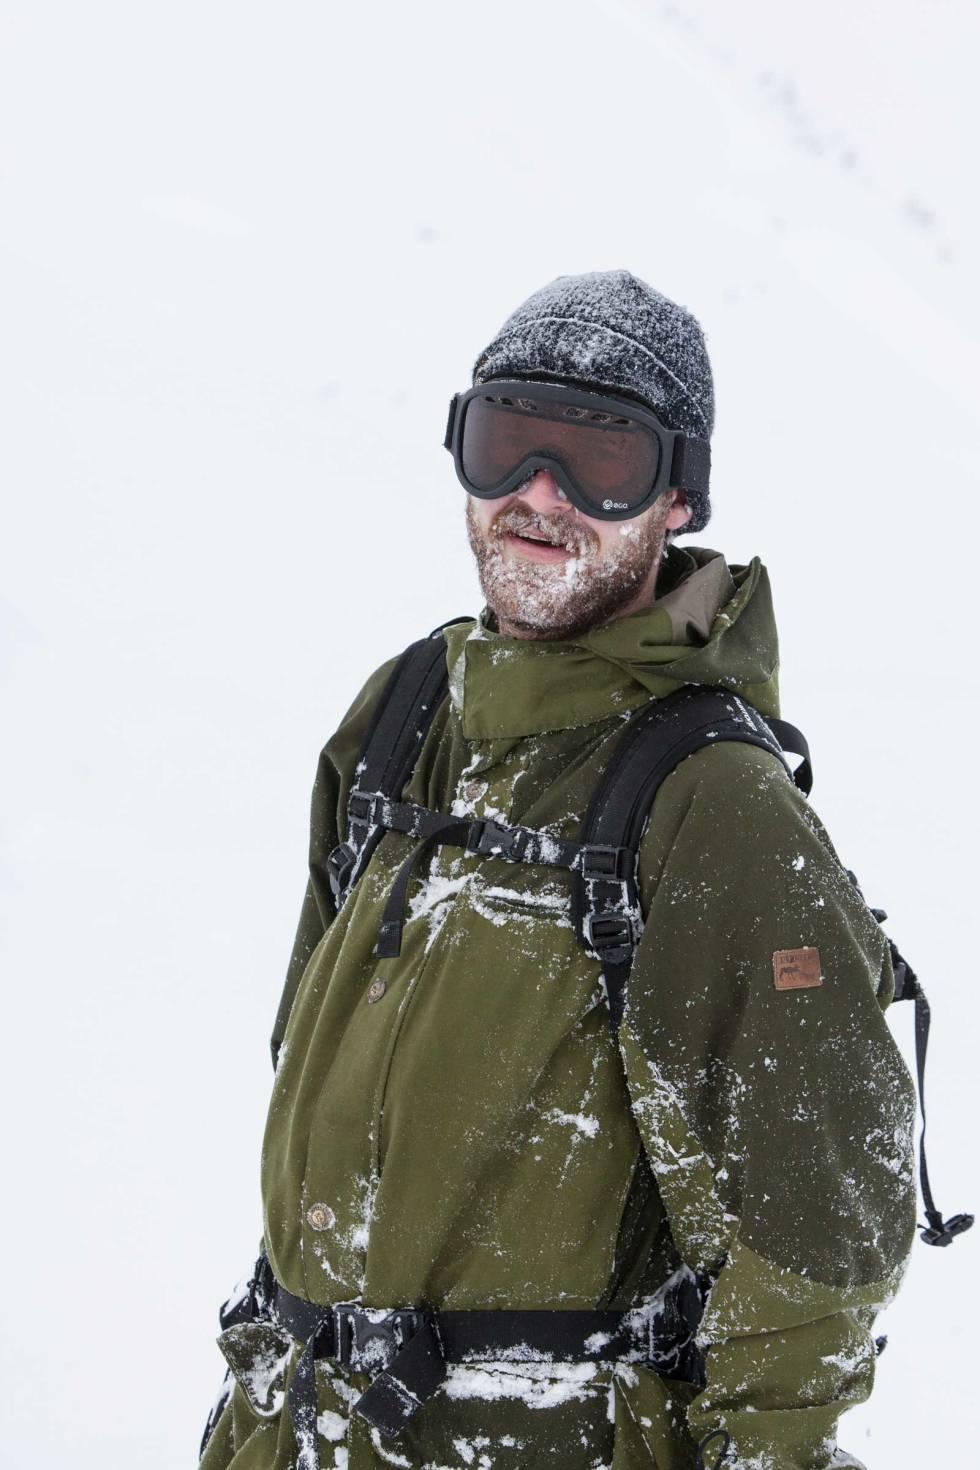 SNØSKJEGG: Knut Christoffersen med snø i skjegget i Sogndal.